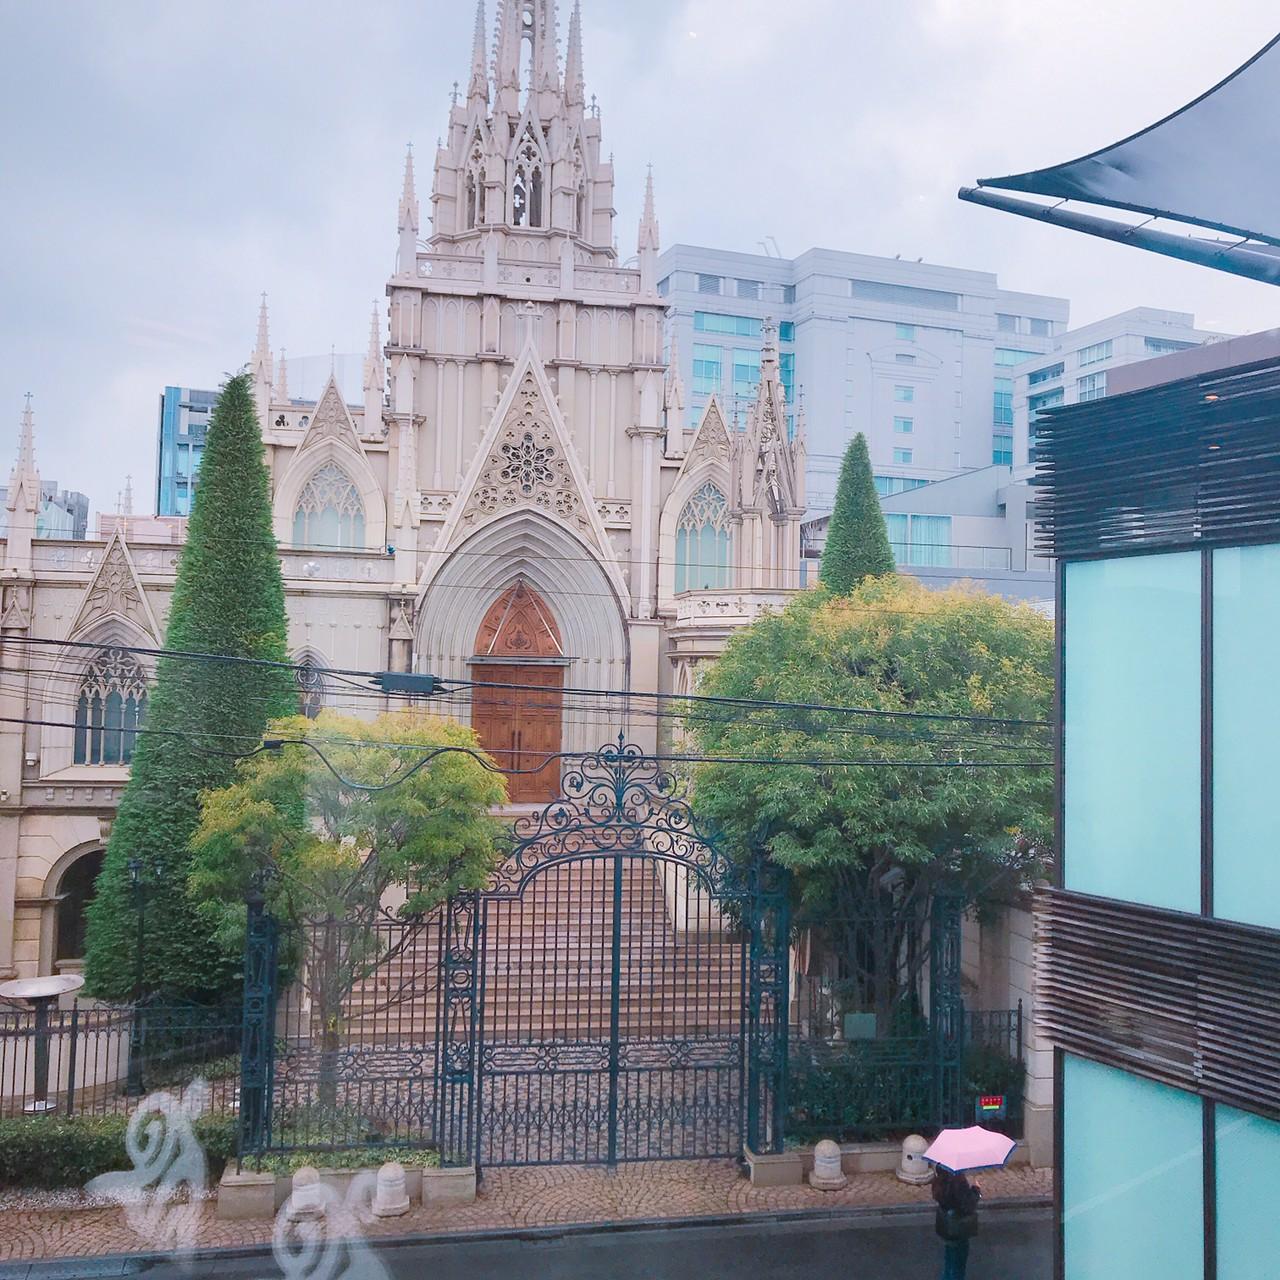 #ThisisCHOCO 【006】「VINO BUONO」が創る素敵な世界!心がくすぐられる可愛いスイーツをたっぷり堪能♡